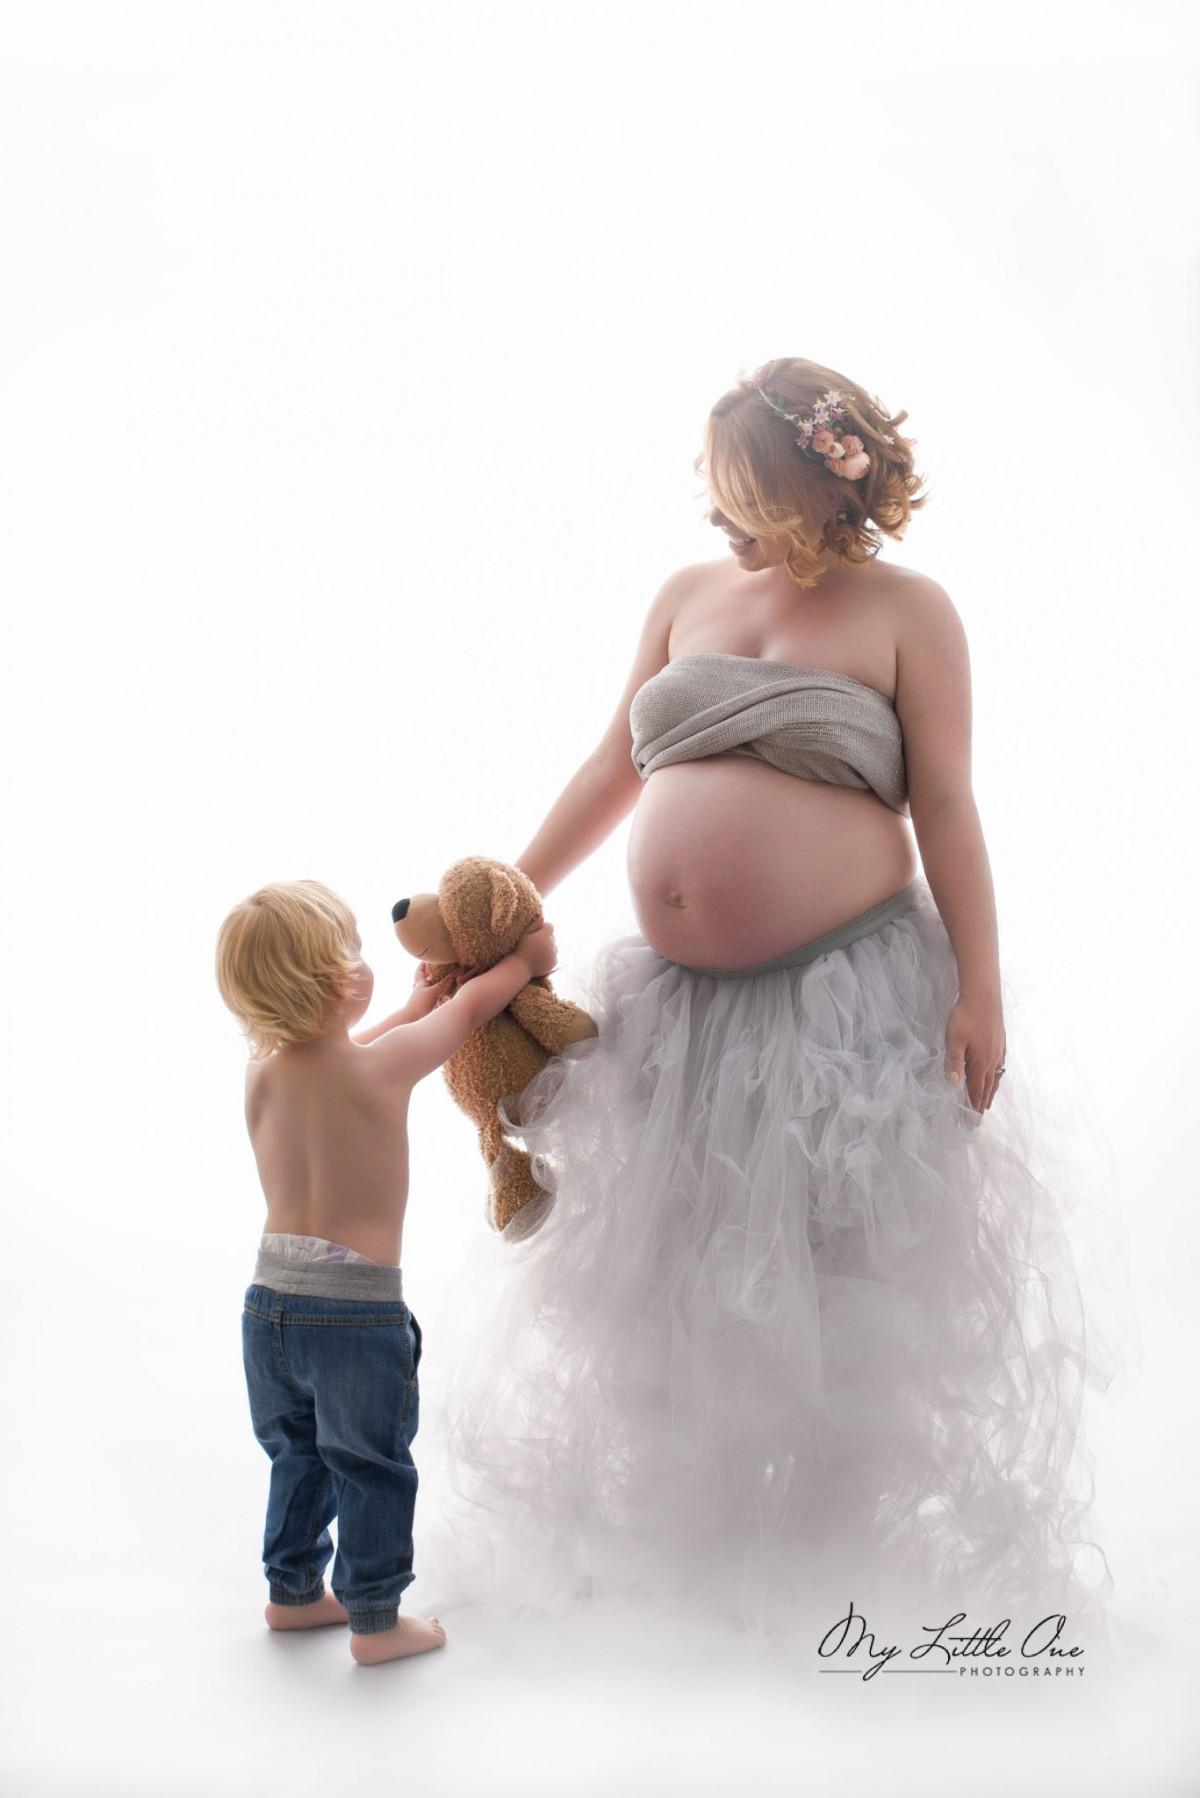 Sydney-Maternity-Photo-AmyM-00001